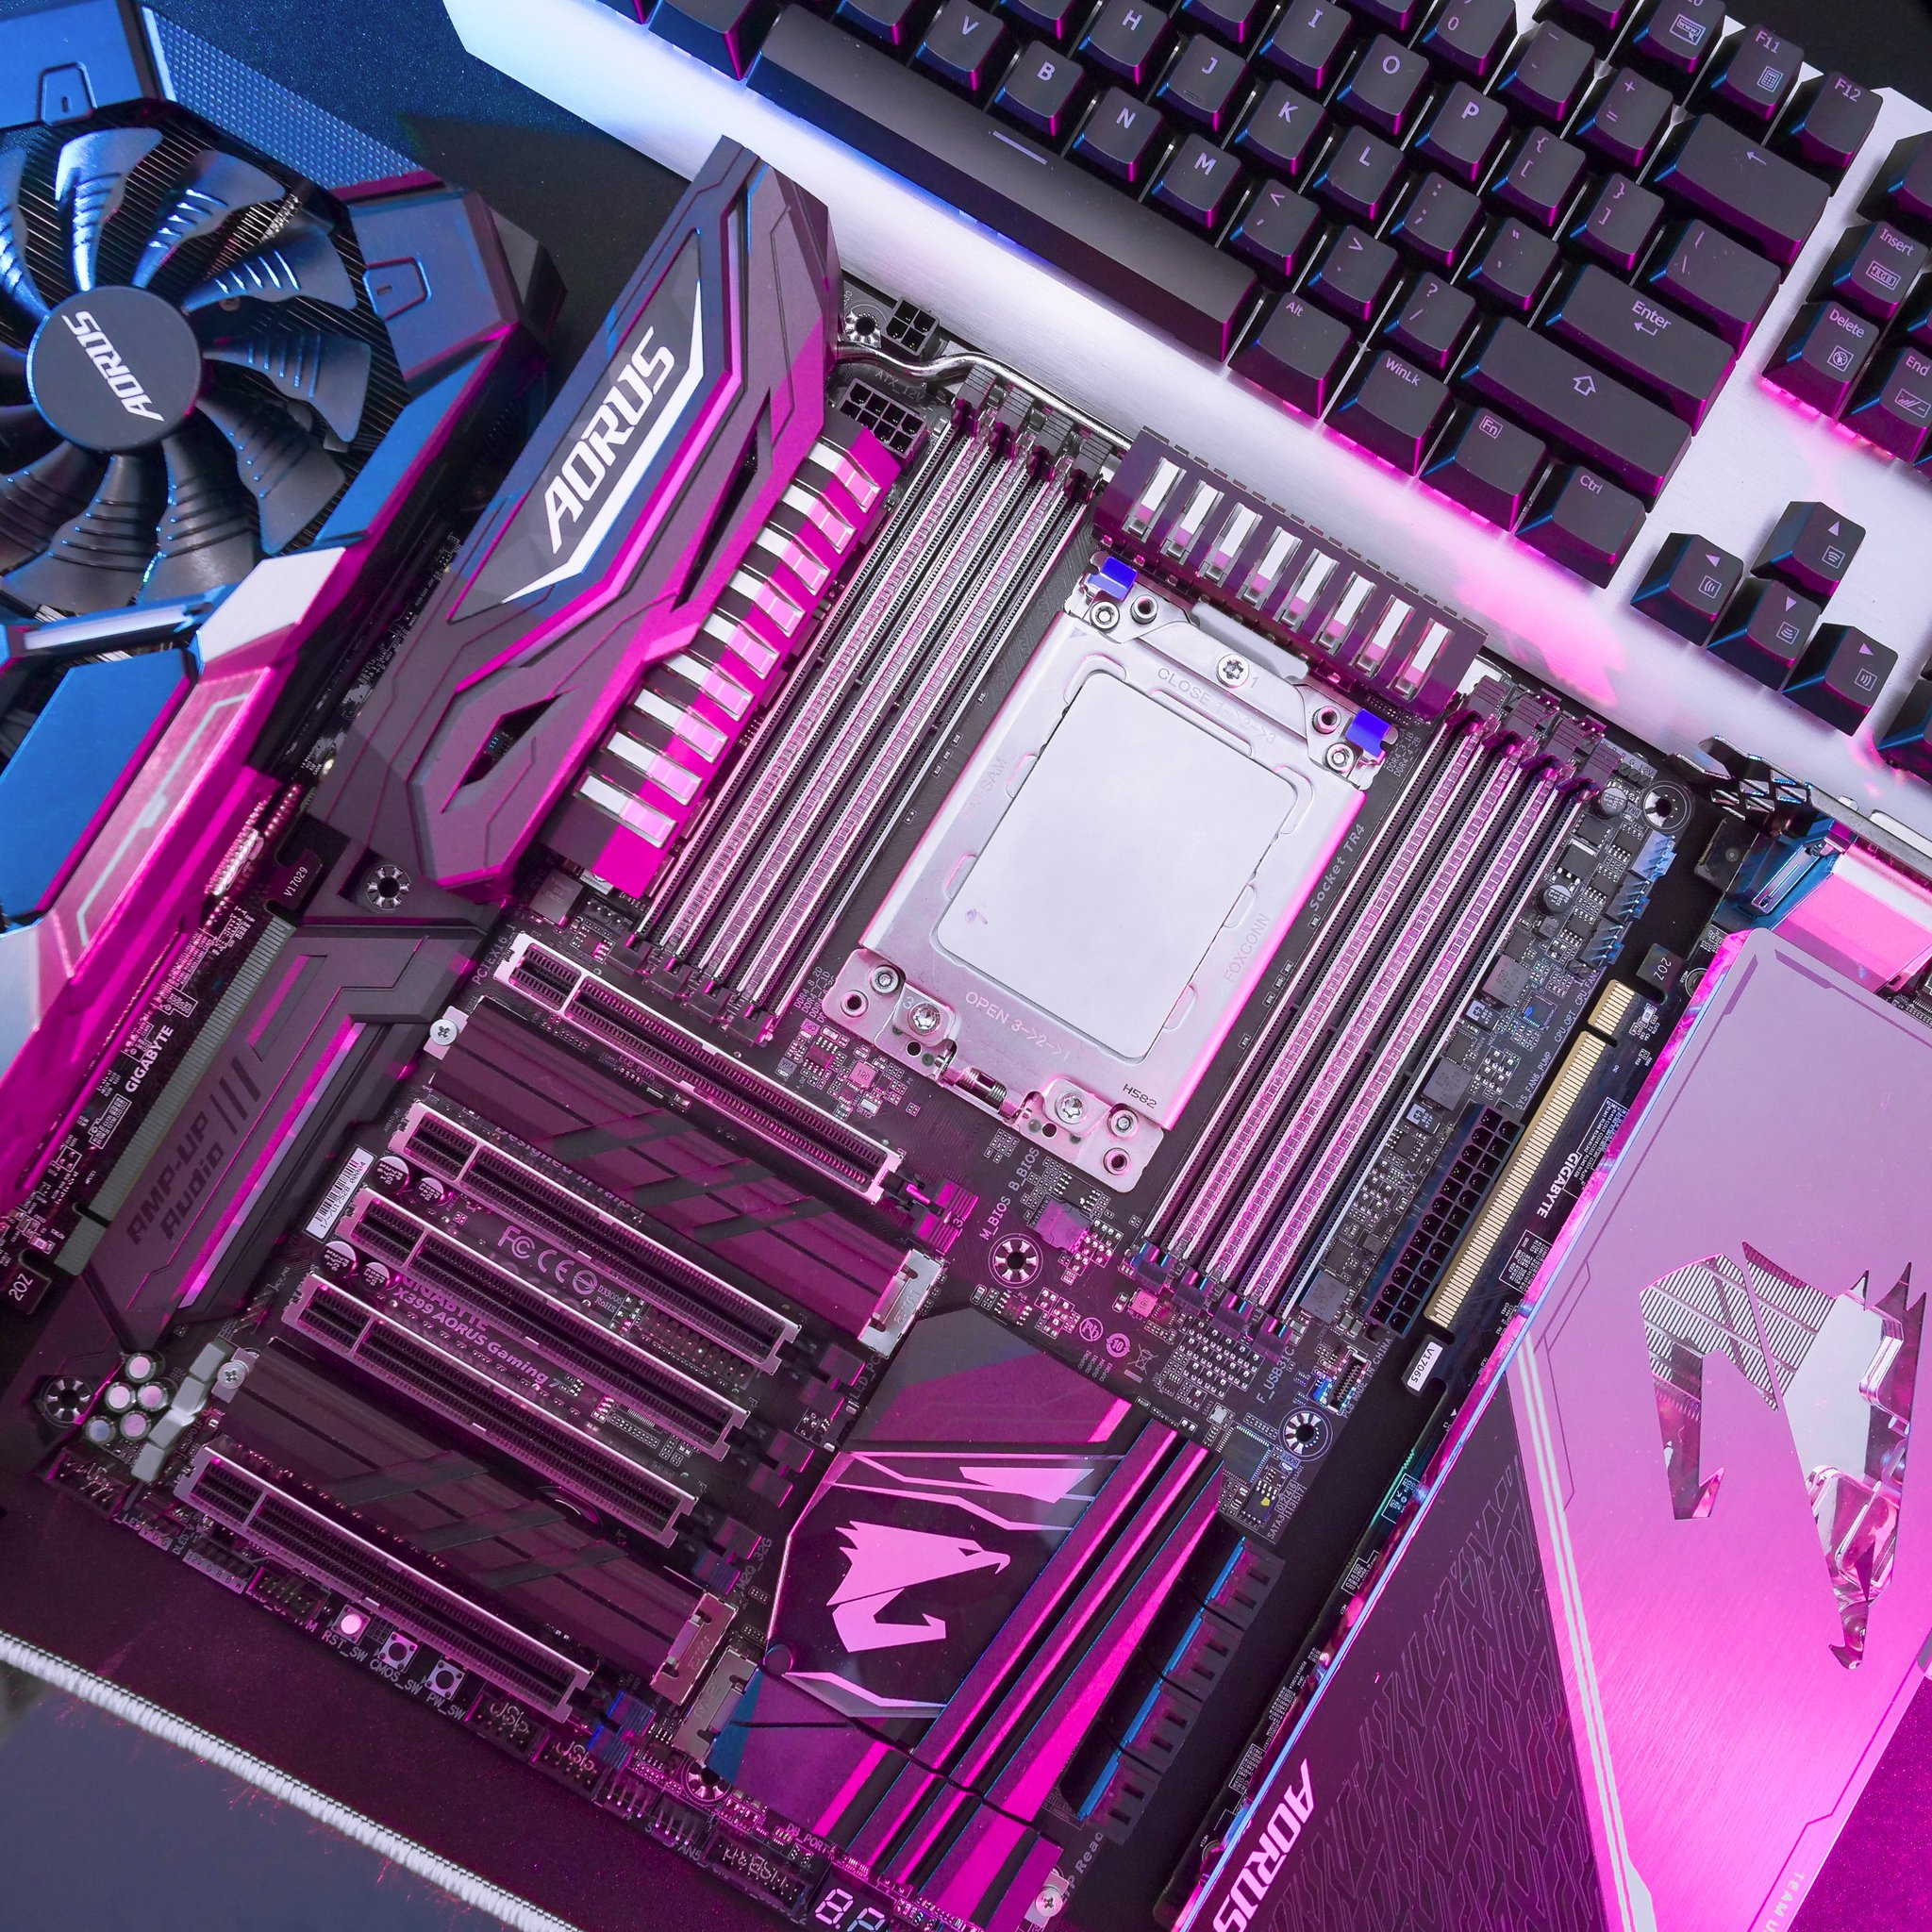 AMD X399 Motherboards Get Support For 2nd Gen Ryzen Threadripper CPUs